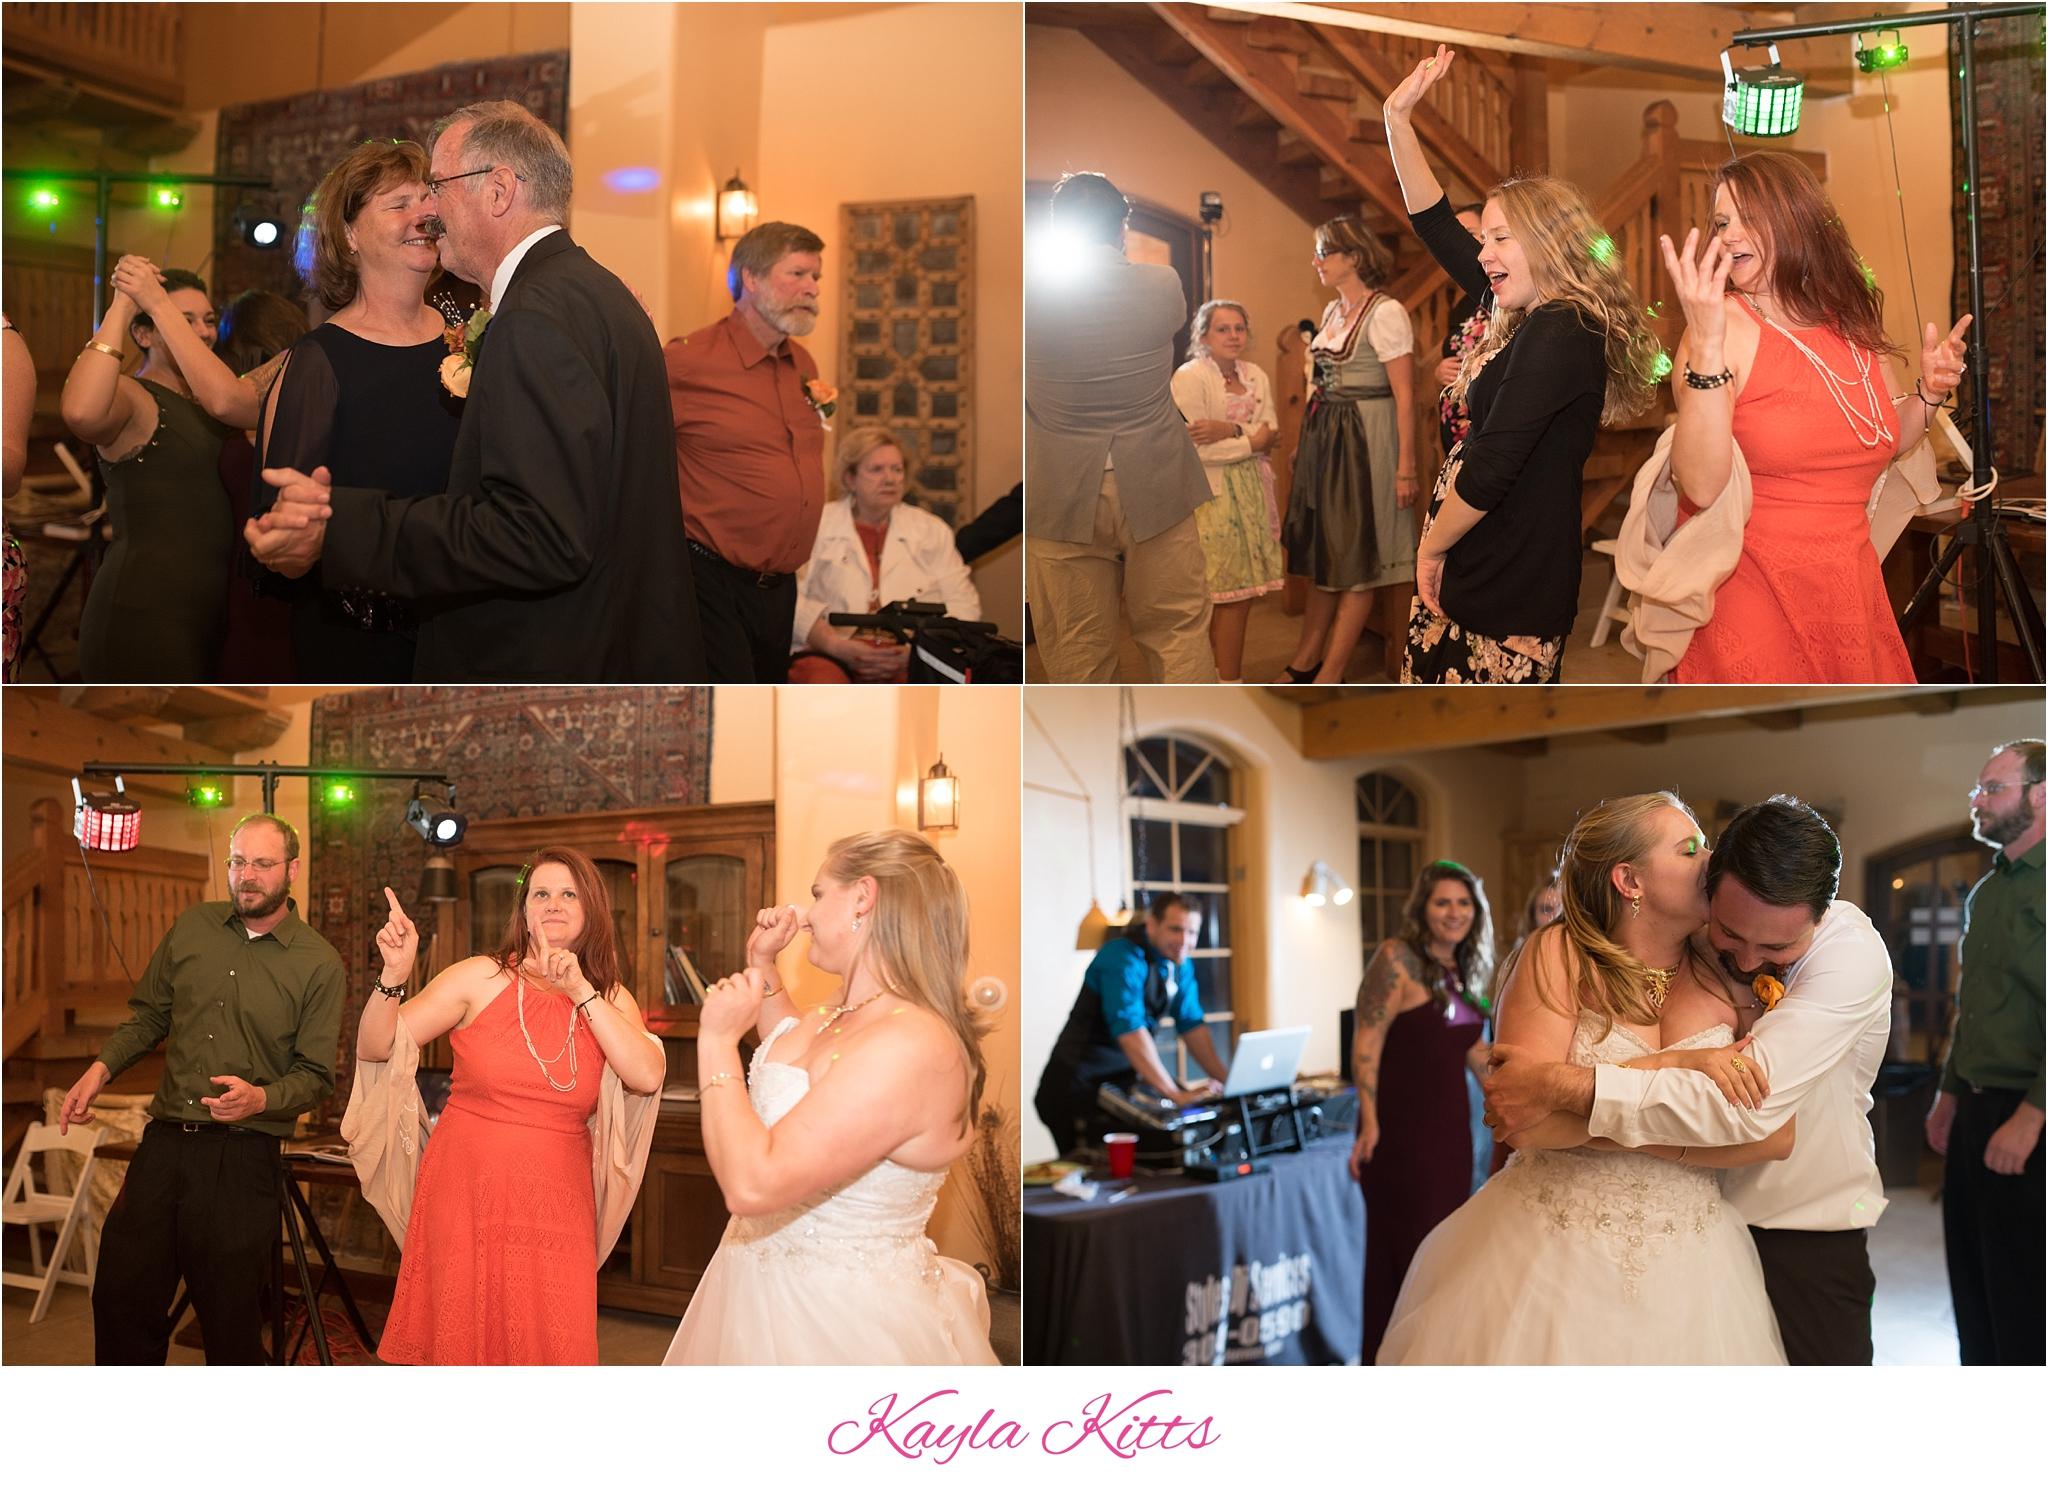 kayla kitts photography - albuquerque wedding photographer - albuquerque wedding photography - albuquerque venue - casa rondena - casa rondea wedding - new mexico wedding photographer_0028.jpg